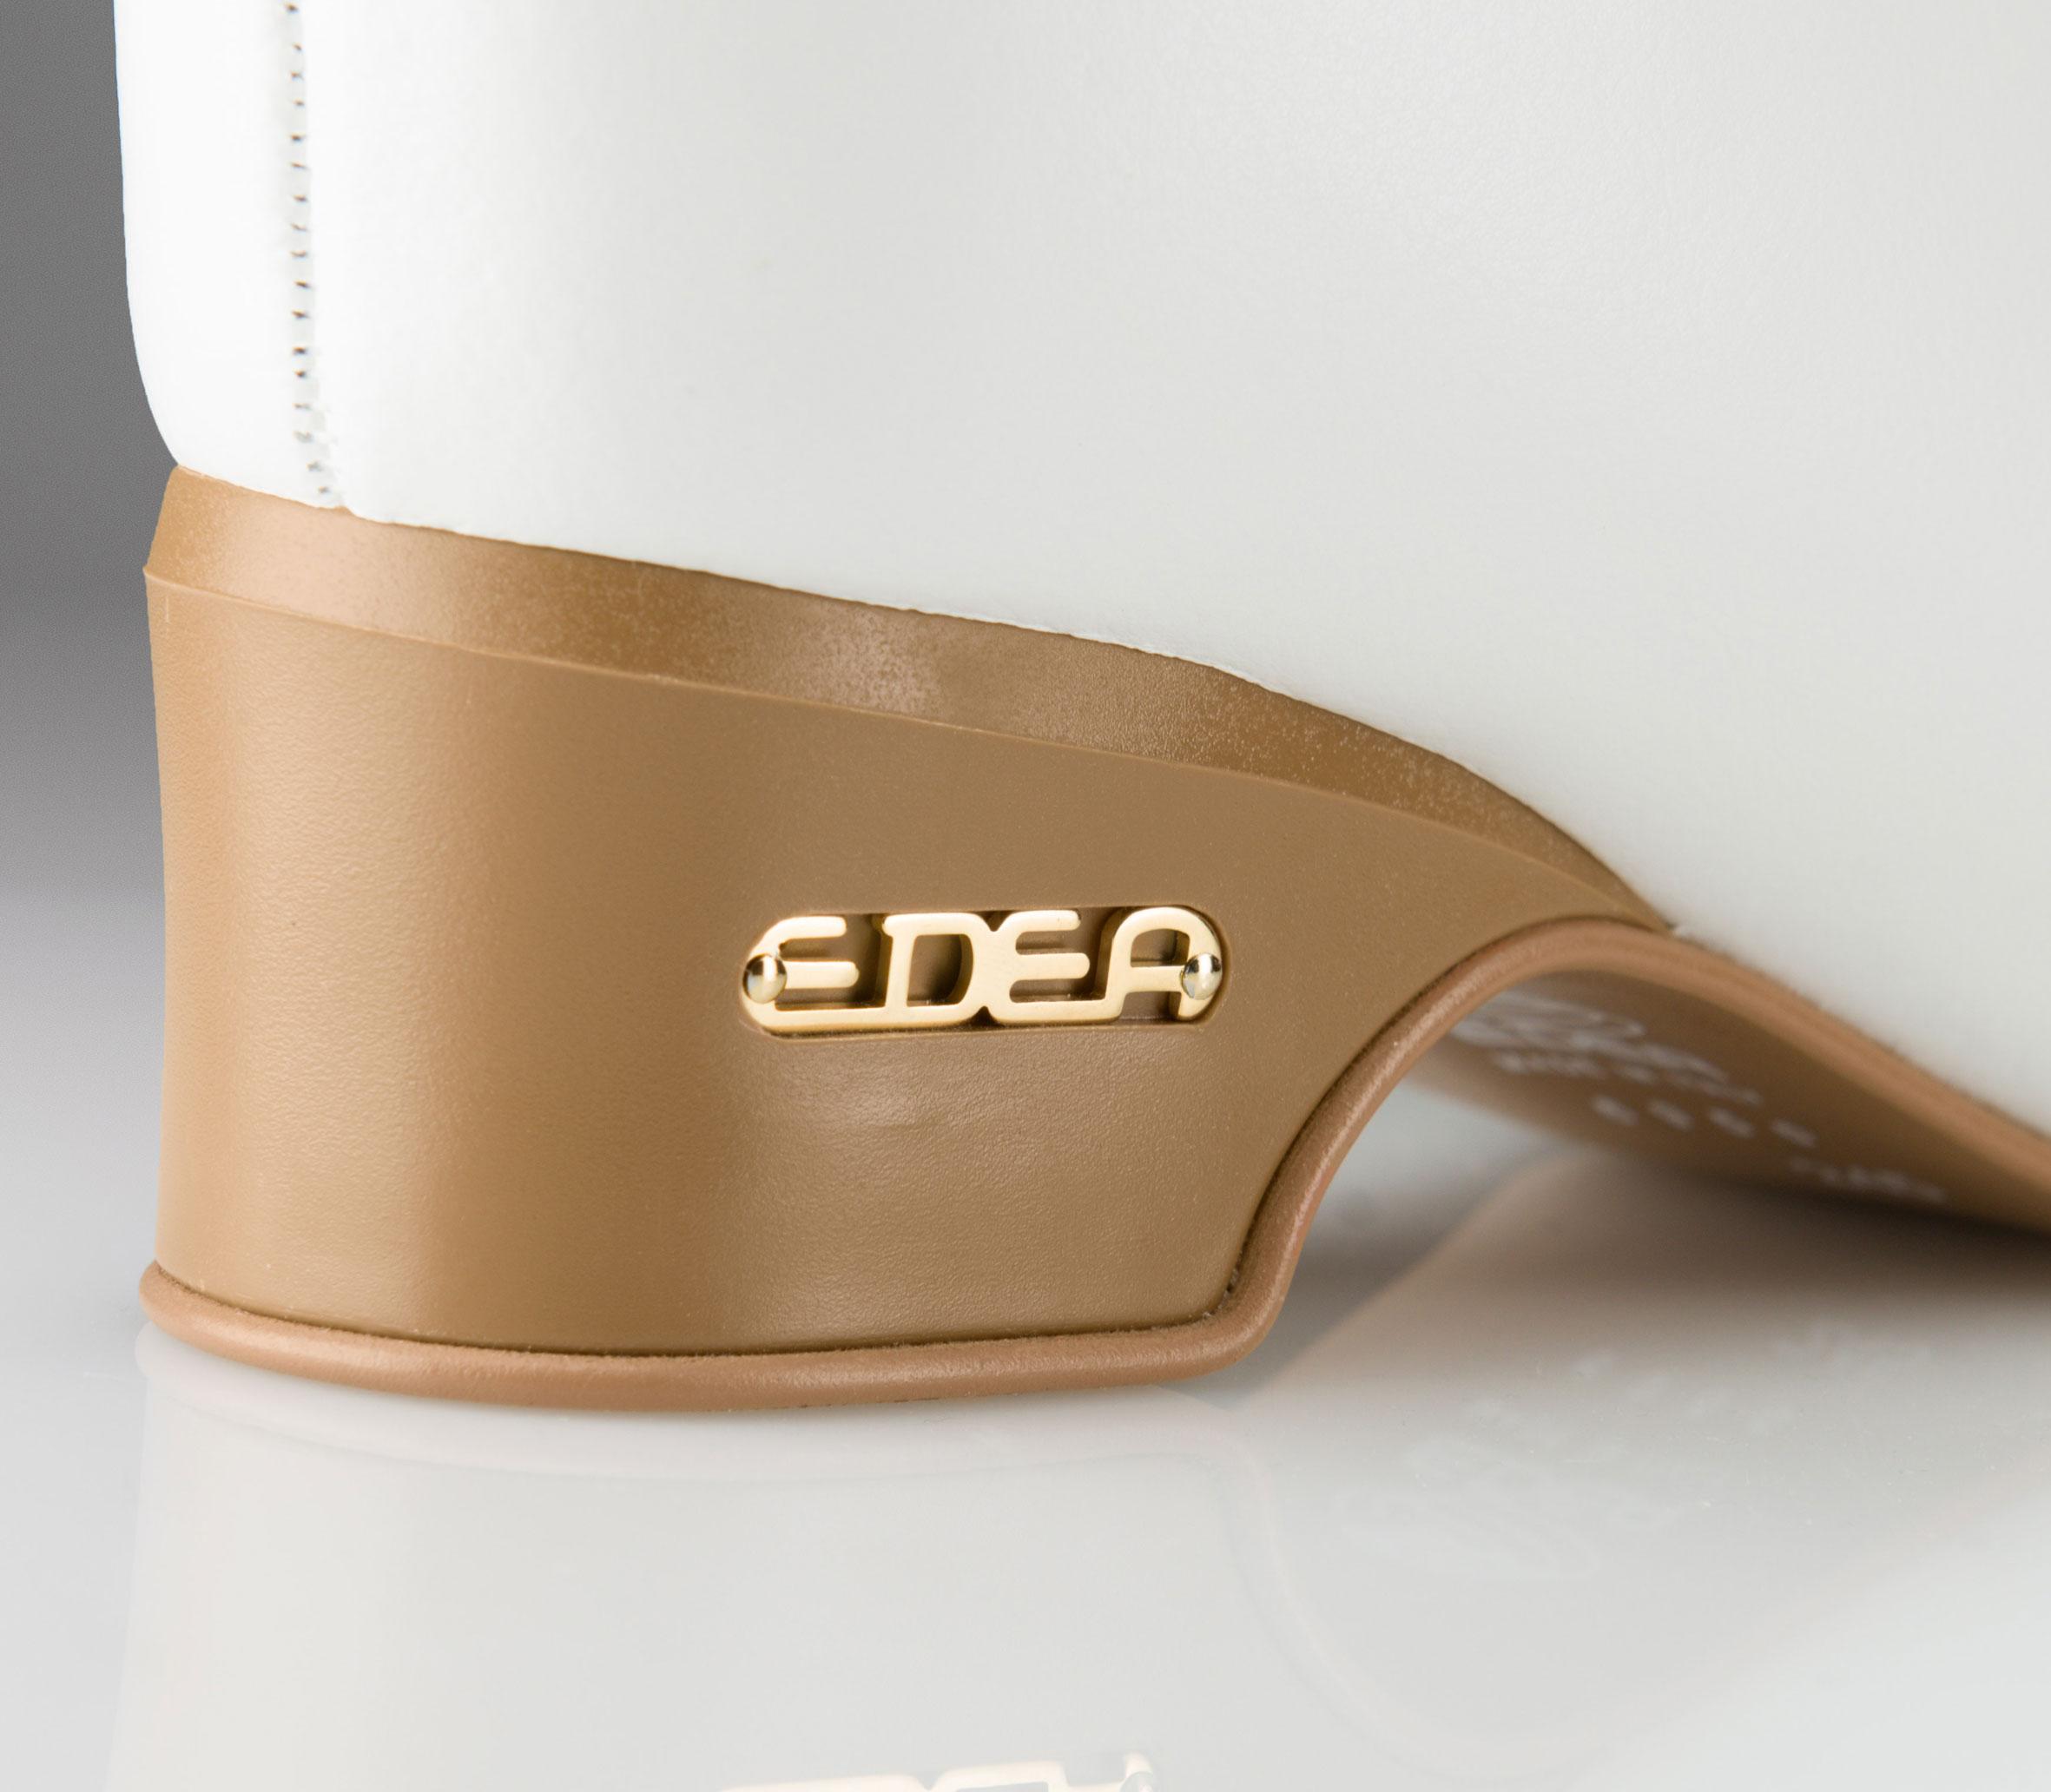 Фигурные коньки Edea Brio с лезвием Rotation